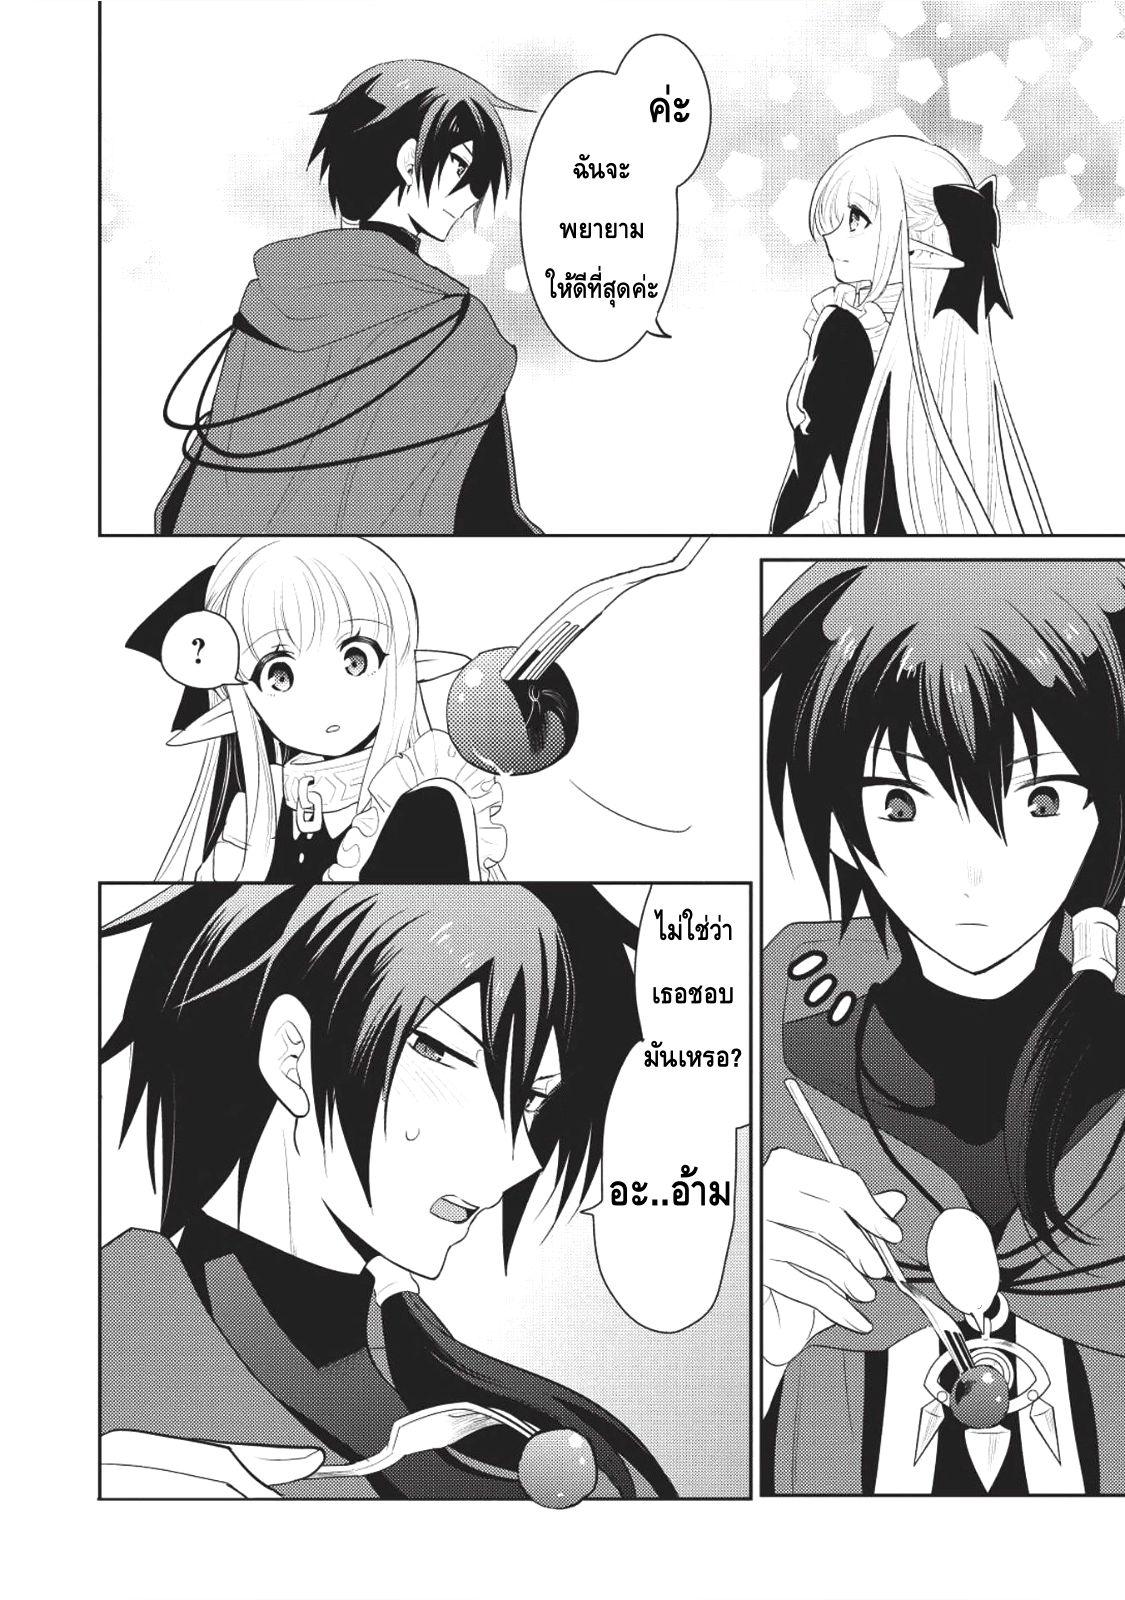 อ่านการ์ตูน Maou no Ore ga Dorei Elf wo Yome ni Shitanda ga Dou Medereba Ii ตอนที่ 4 หน้าที่ 30